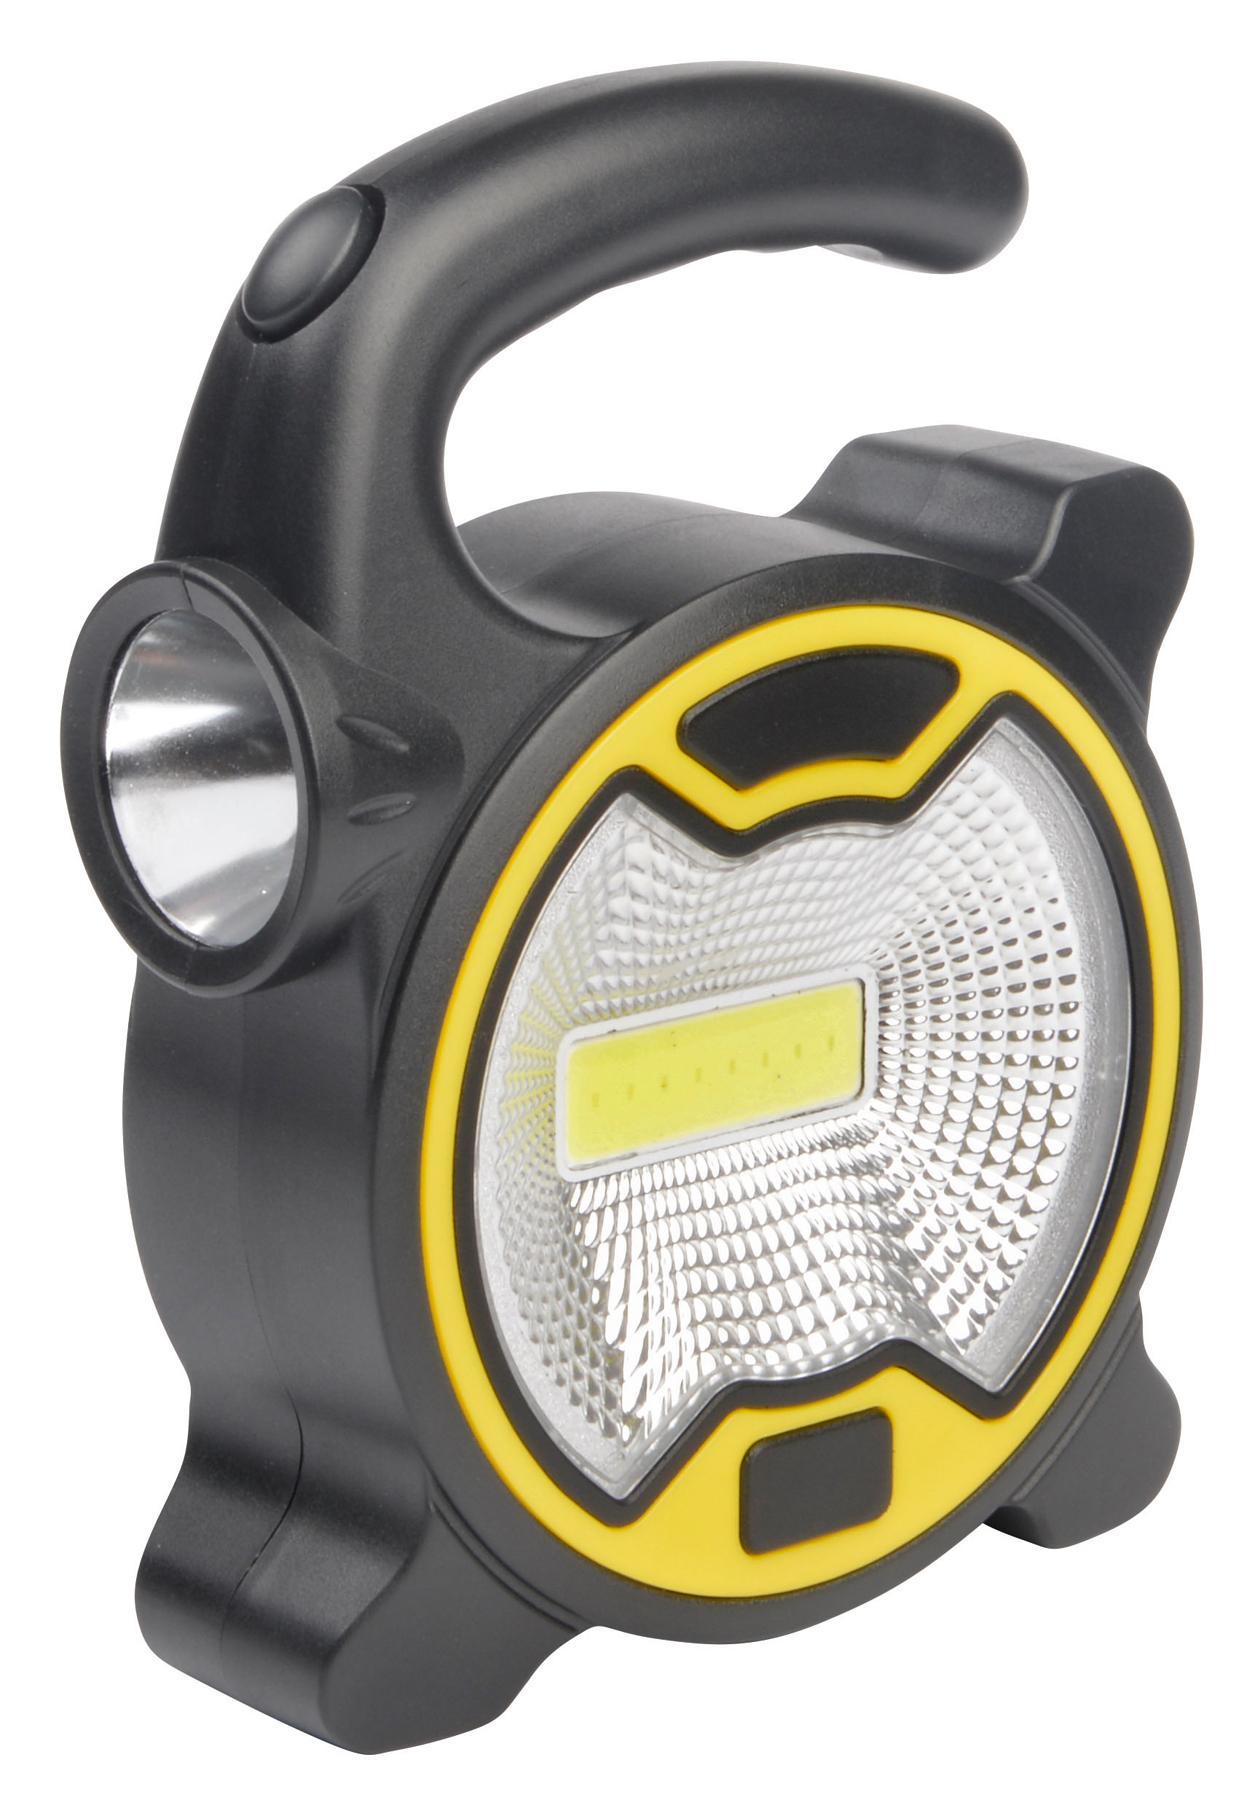 Lampa robocza DO IT YOURSELF., czarny, żółty